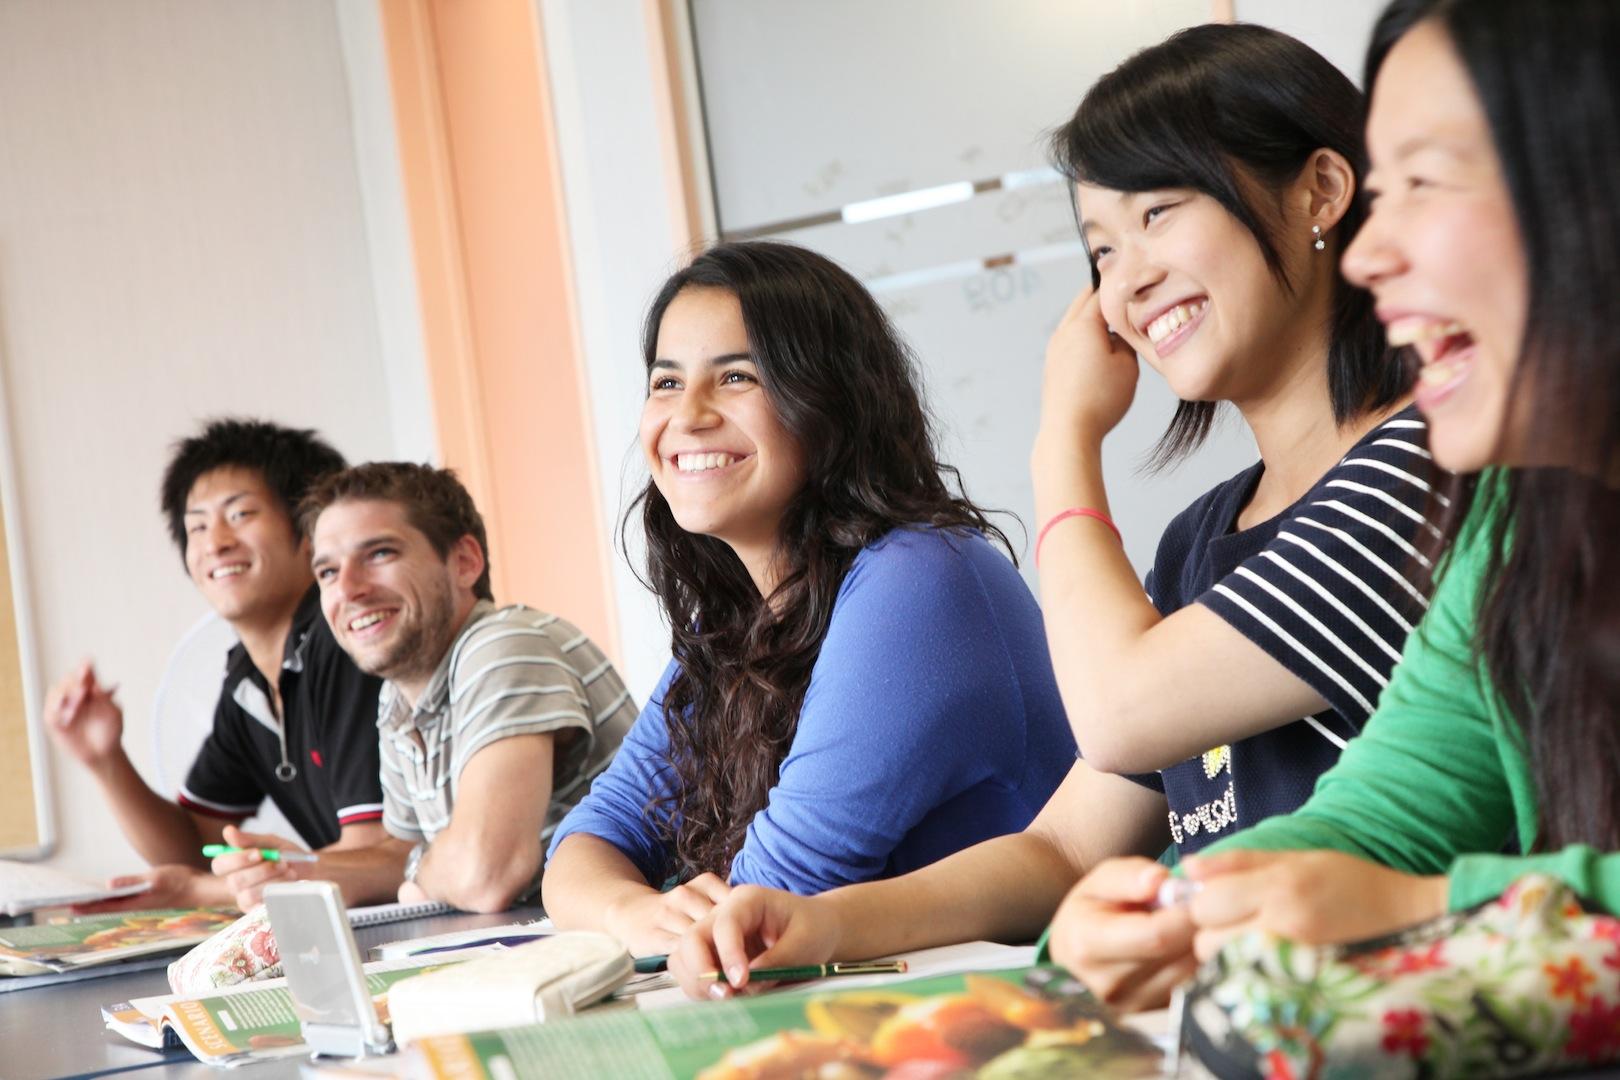 留学生は大きな力!! | 外国人観光客研究所